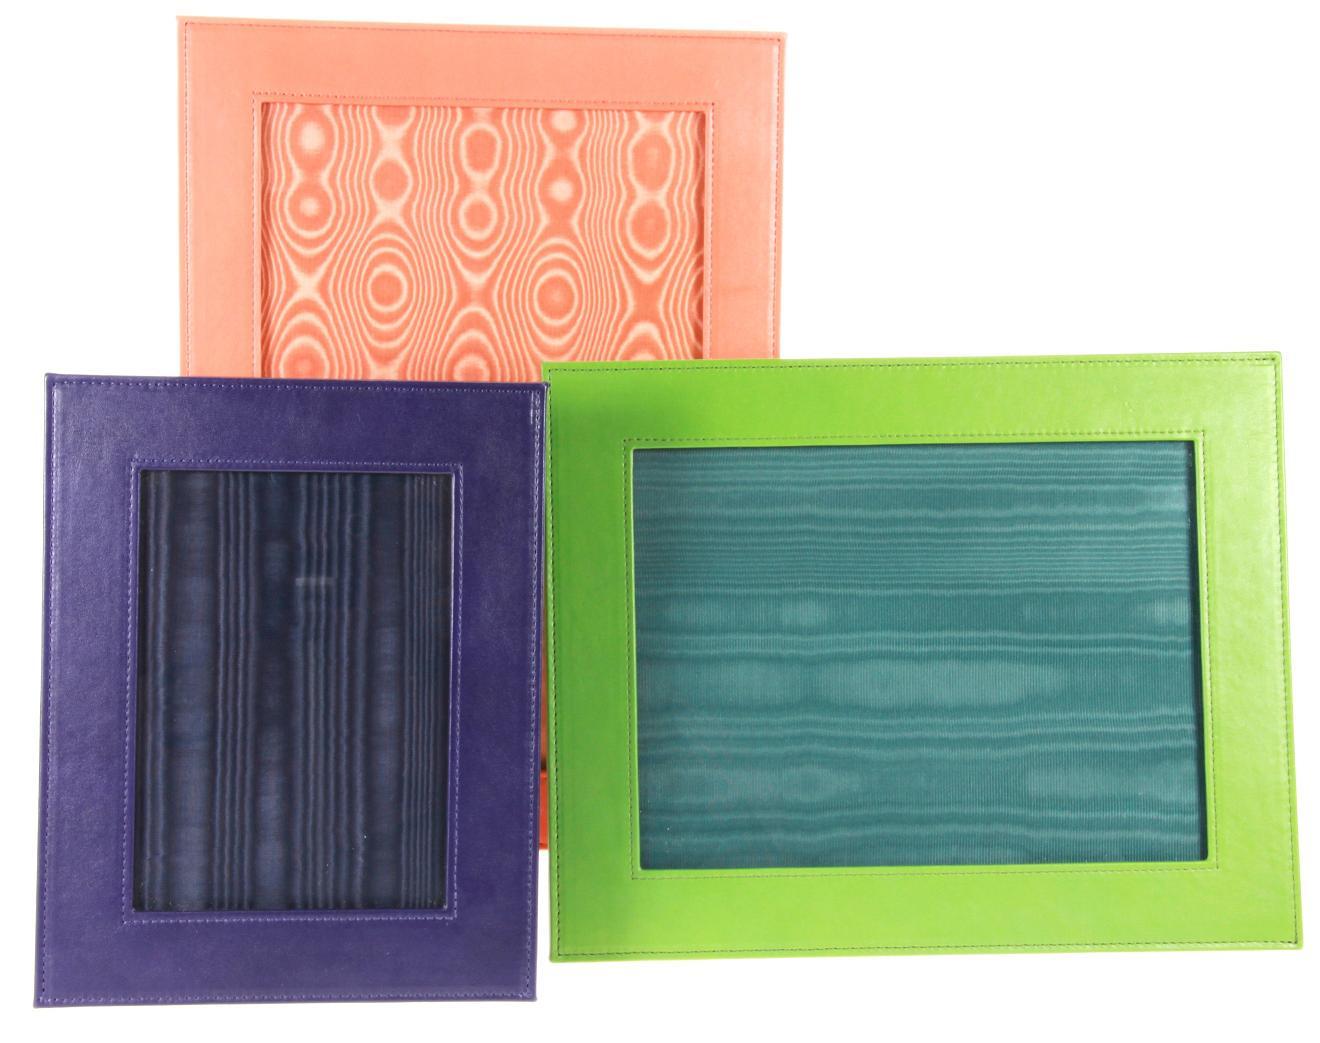 Cuadros por partes decoracion y manualidades - Hacer marcos para cuadros ...